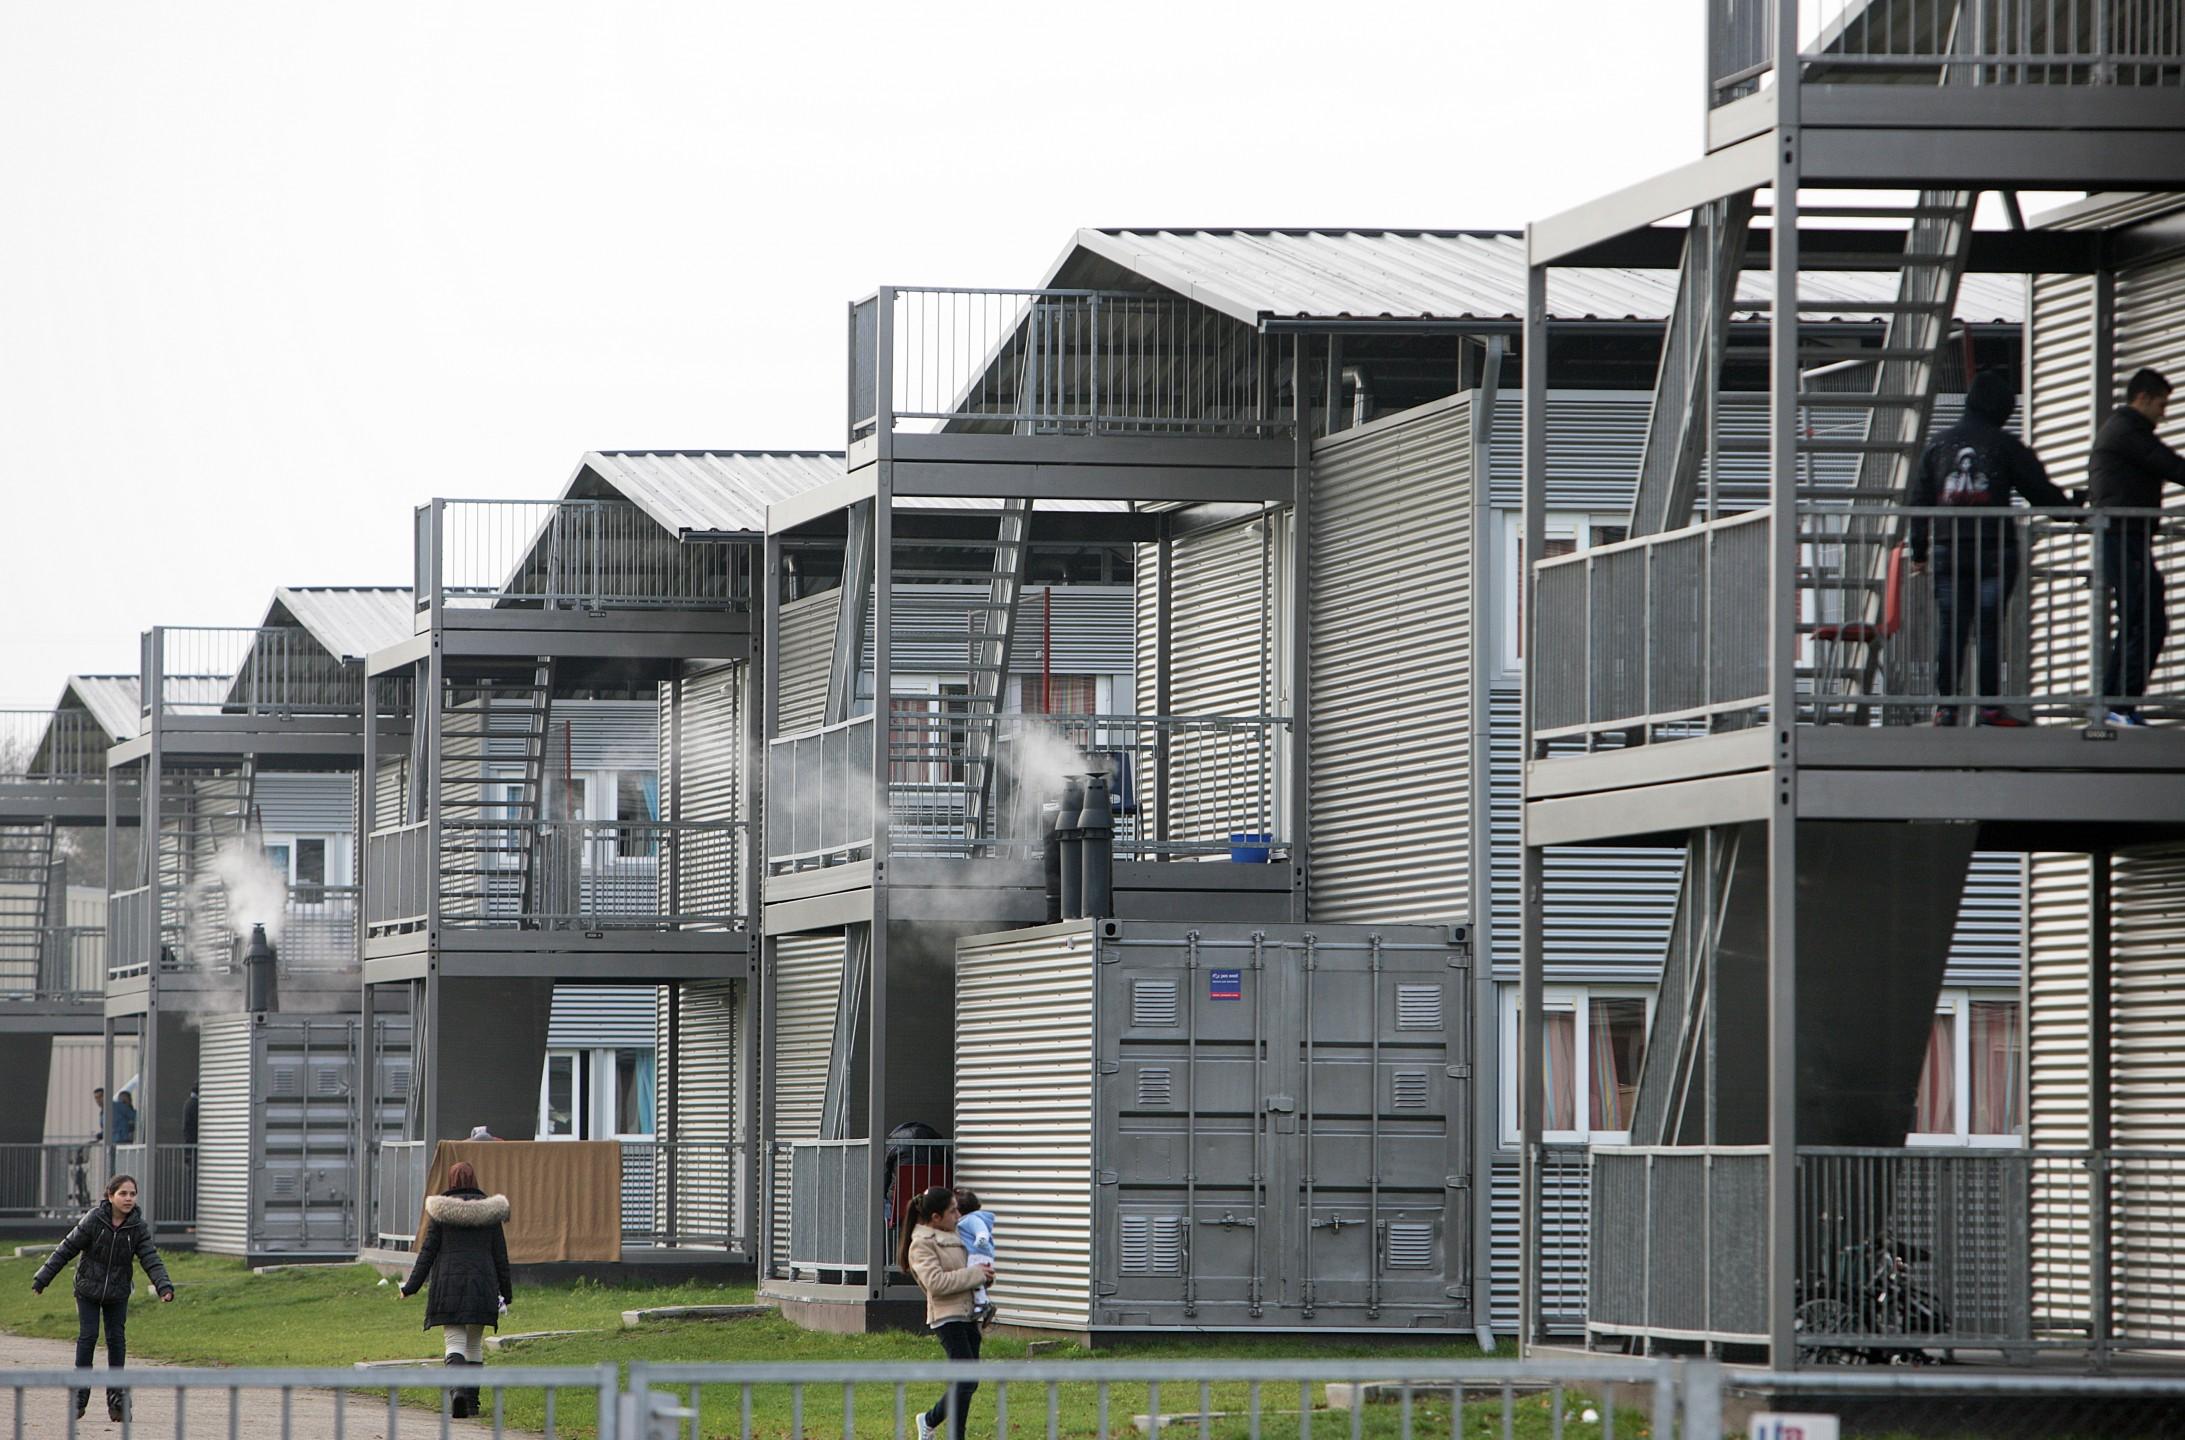 Tijdelijke woningen asielcomplex Ter Apel. Foto: Flickr/cc